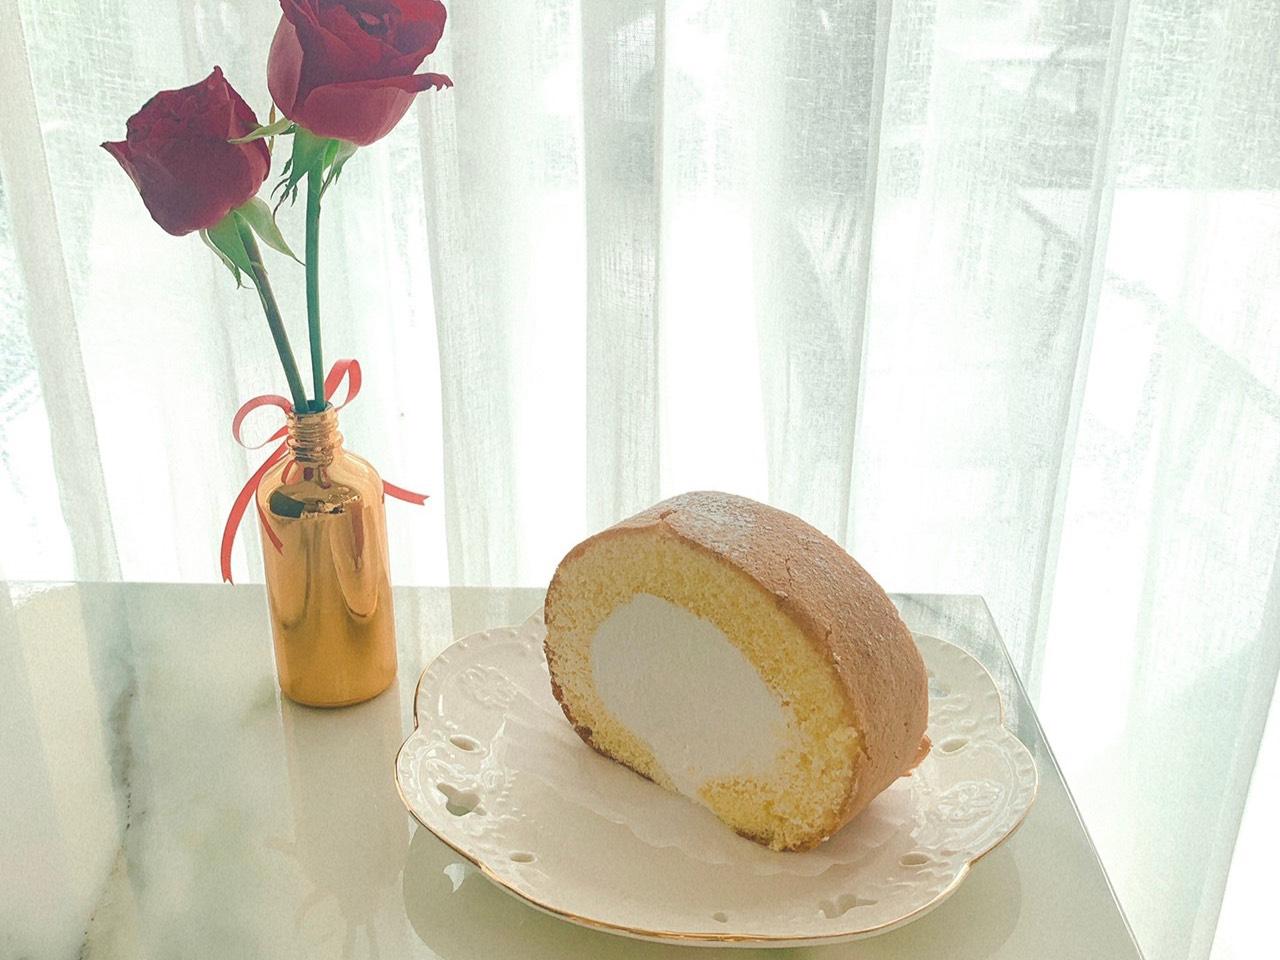 セブ島でロールケーキが食べられるオシャレ度100のカフェ「Cafe Elim」